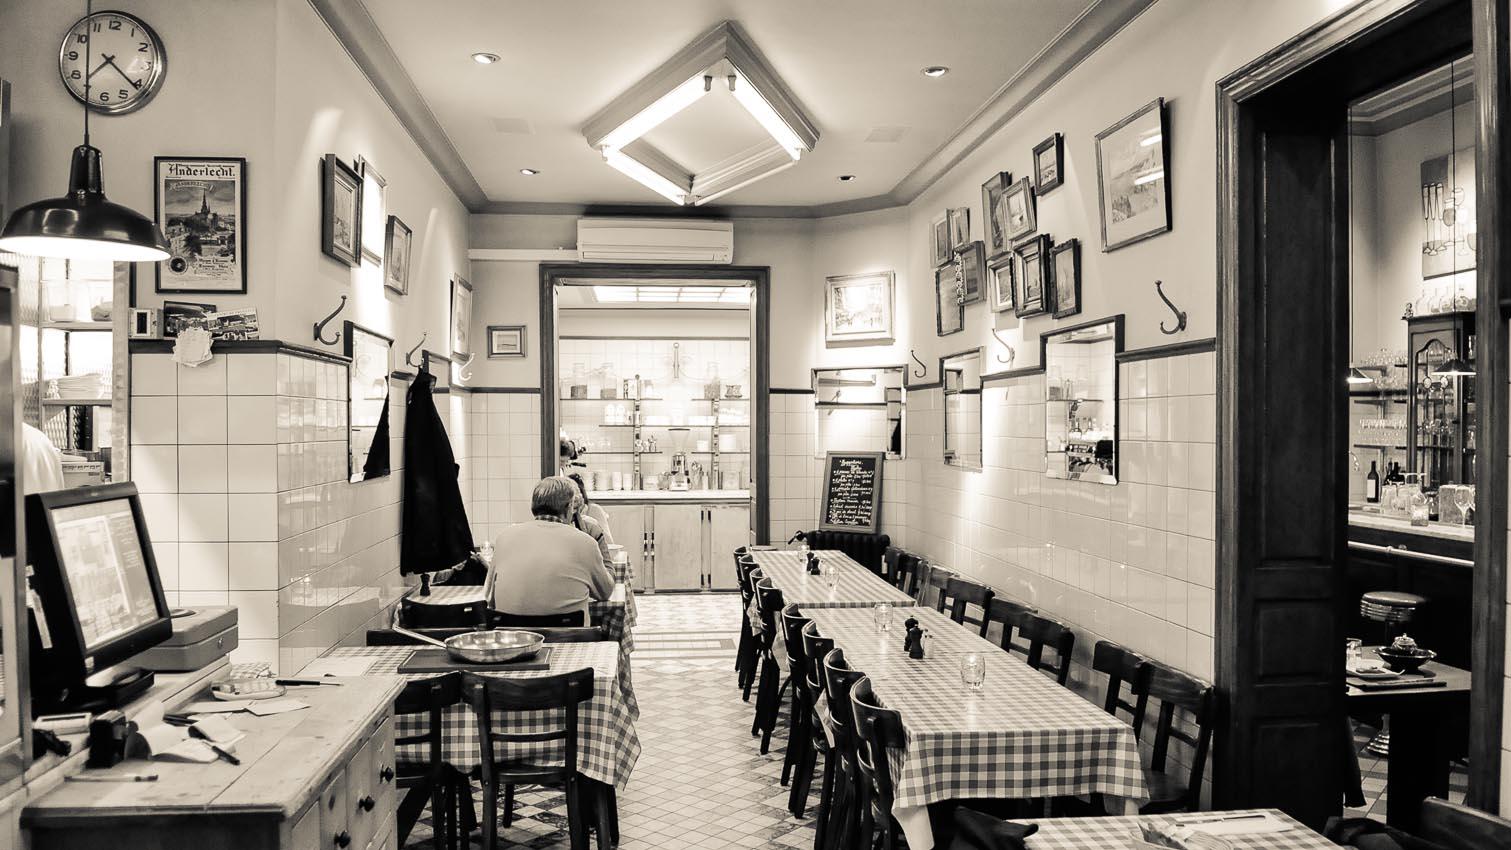 10-cafe-bar-resto-nightclub-decors-film-cinema-photo-belgium-bruxelles